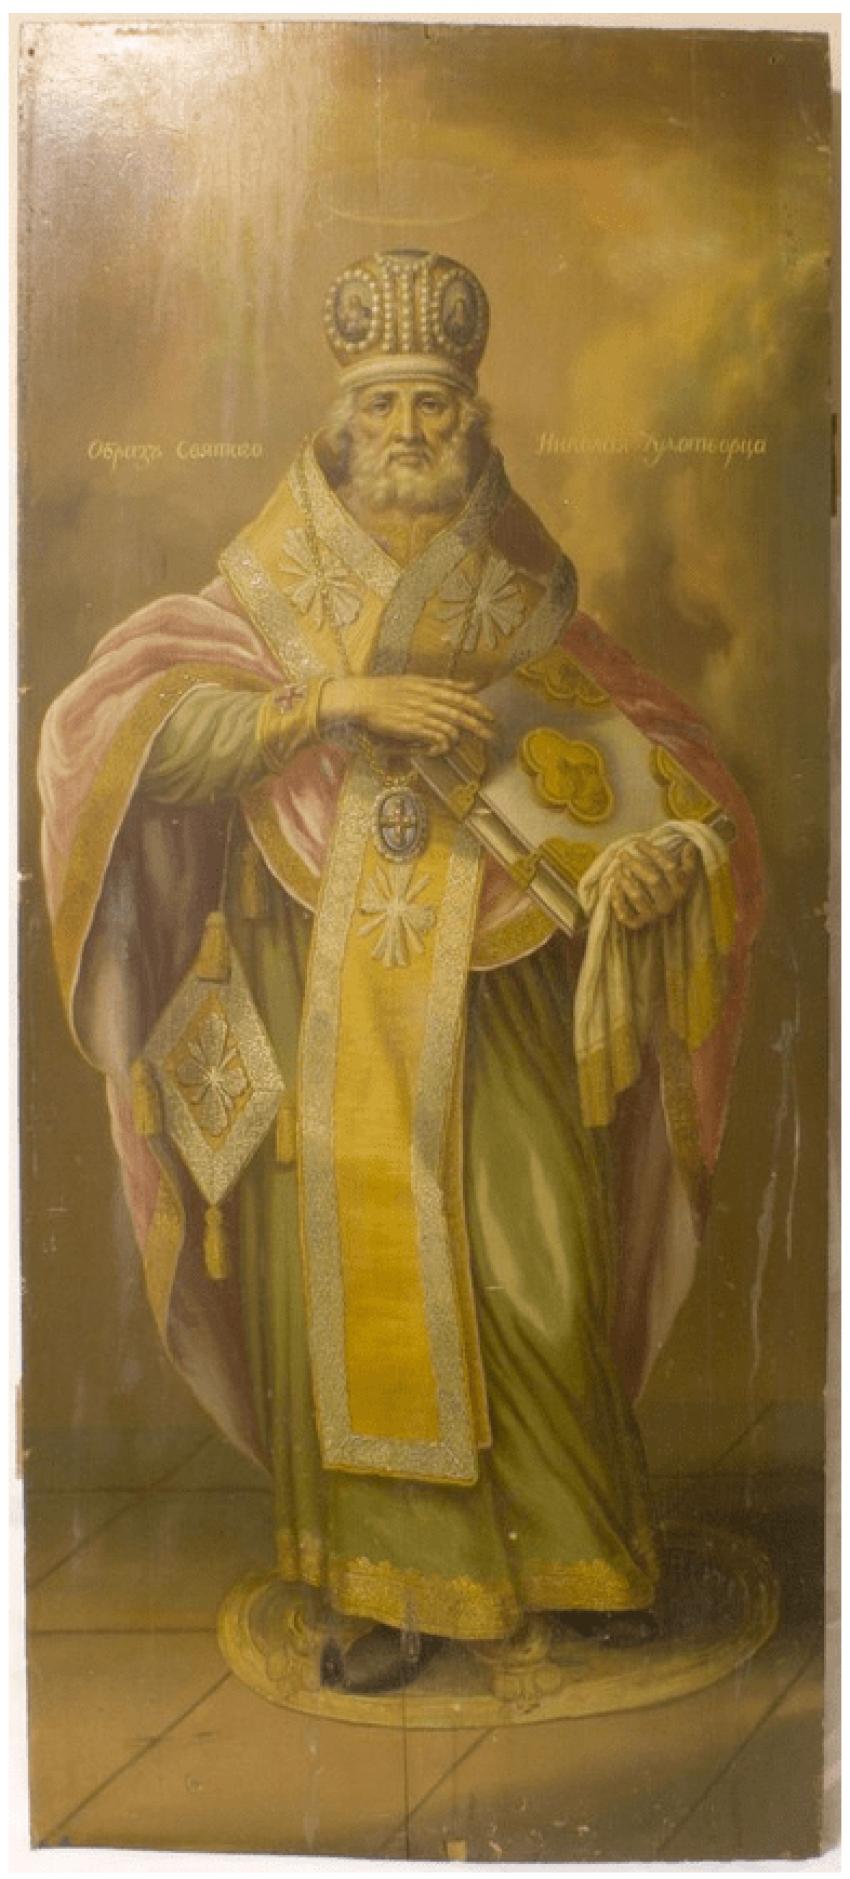 Bild von Nikolaus 19, - Foto 1